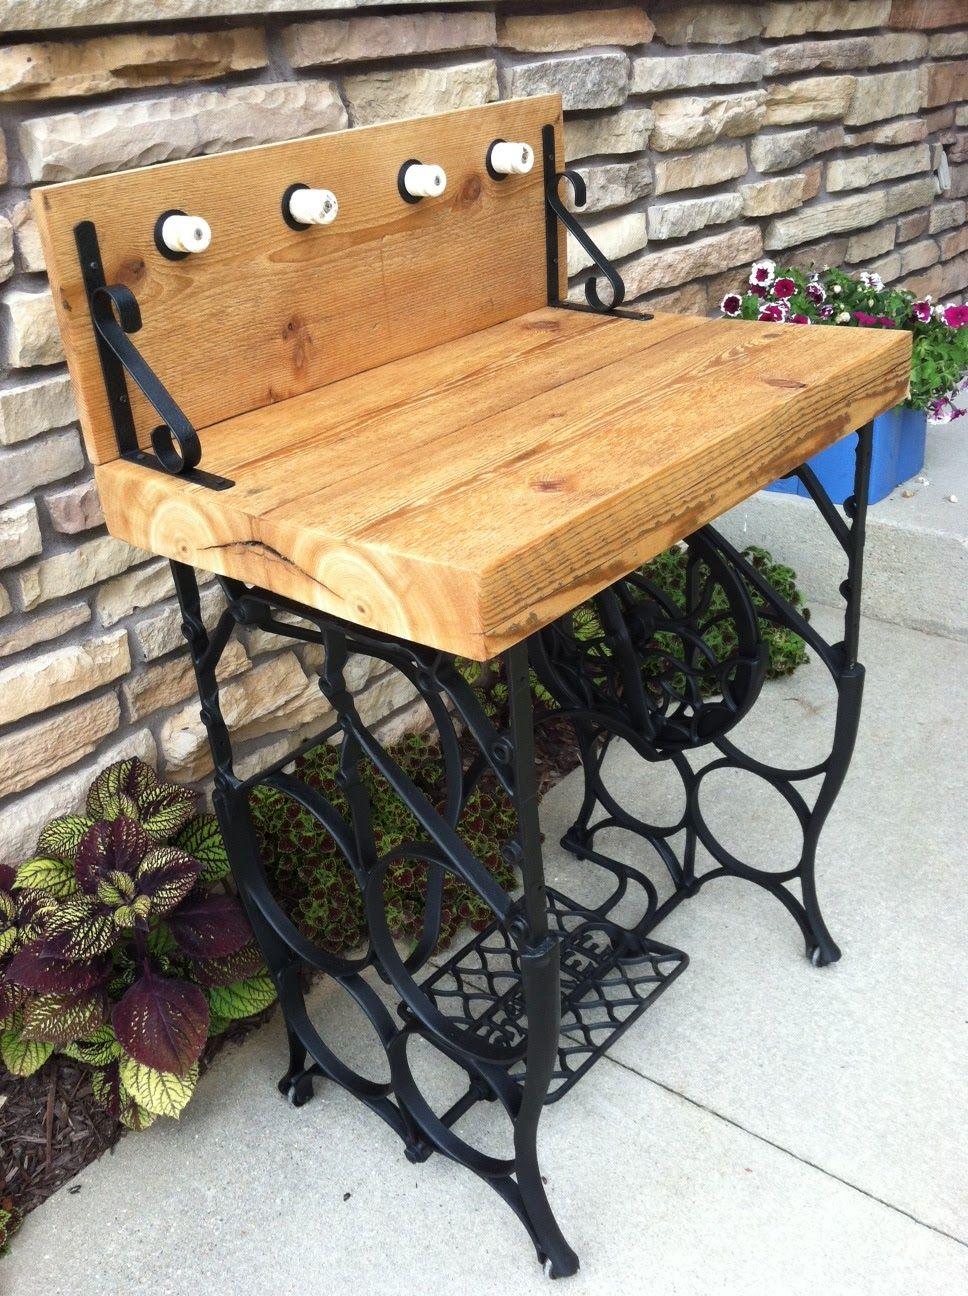 Mesa maquiagem ou jardim p de m quina costura - Mesas para costura ...